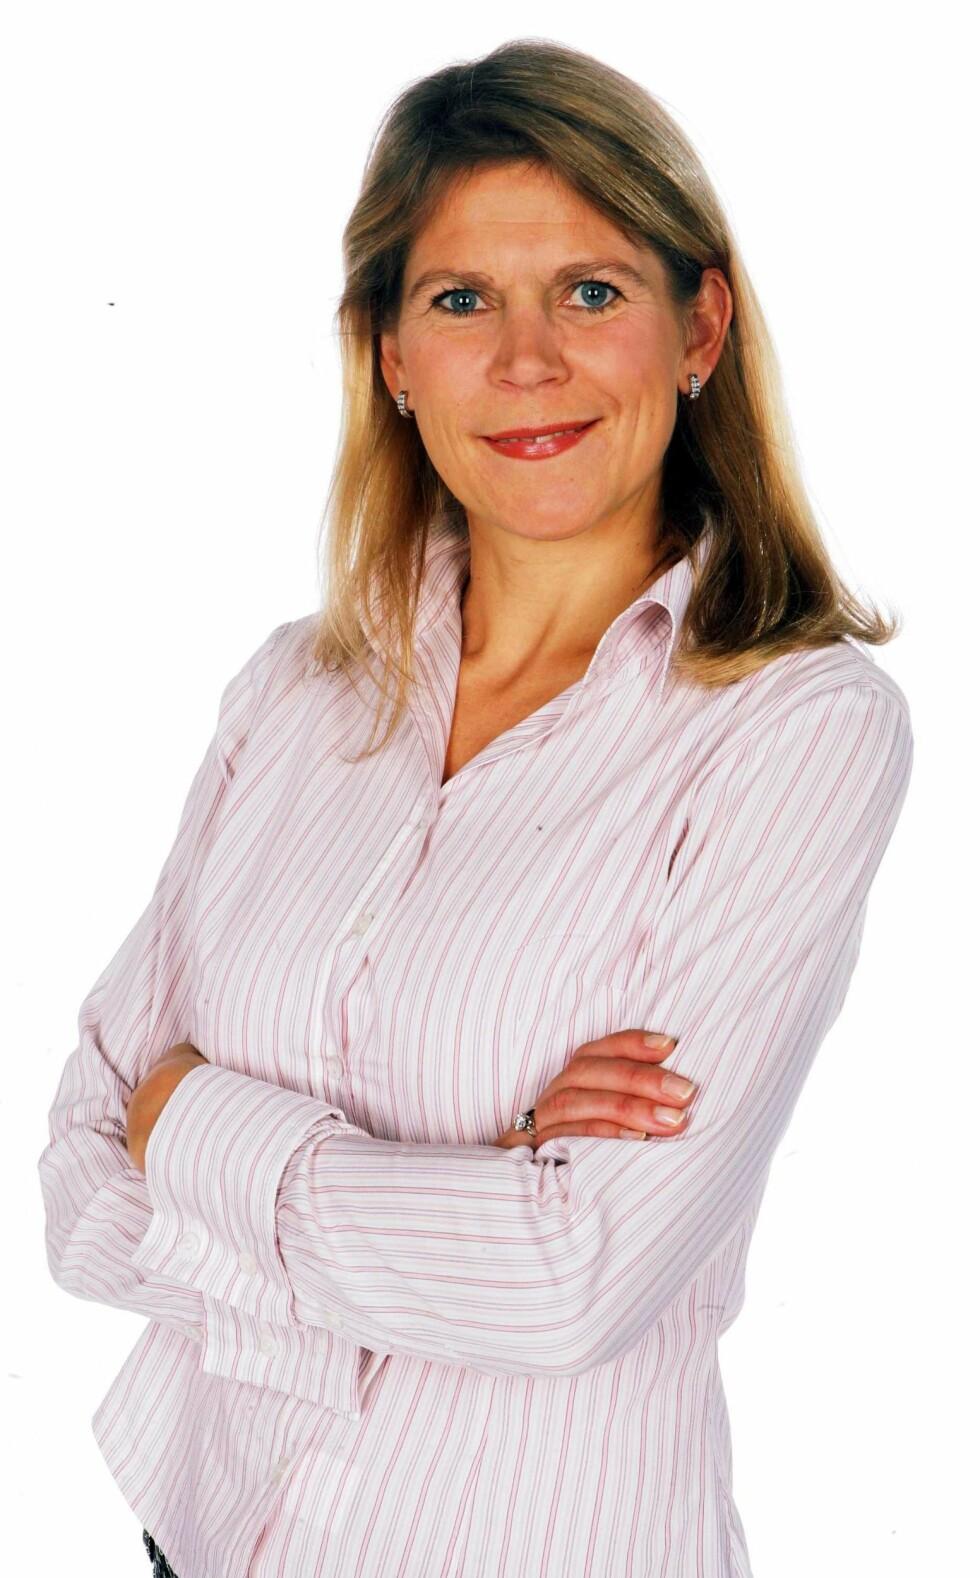 Siw Ødegaard er utdannet økonom fra University of London og BI. Forfatter av boken «Bitch eller martyr? En overlevelsesguide for kvinner». Gründer og daglig leder i Kvinnesiden.no